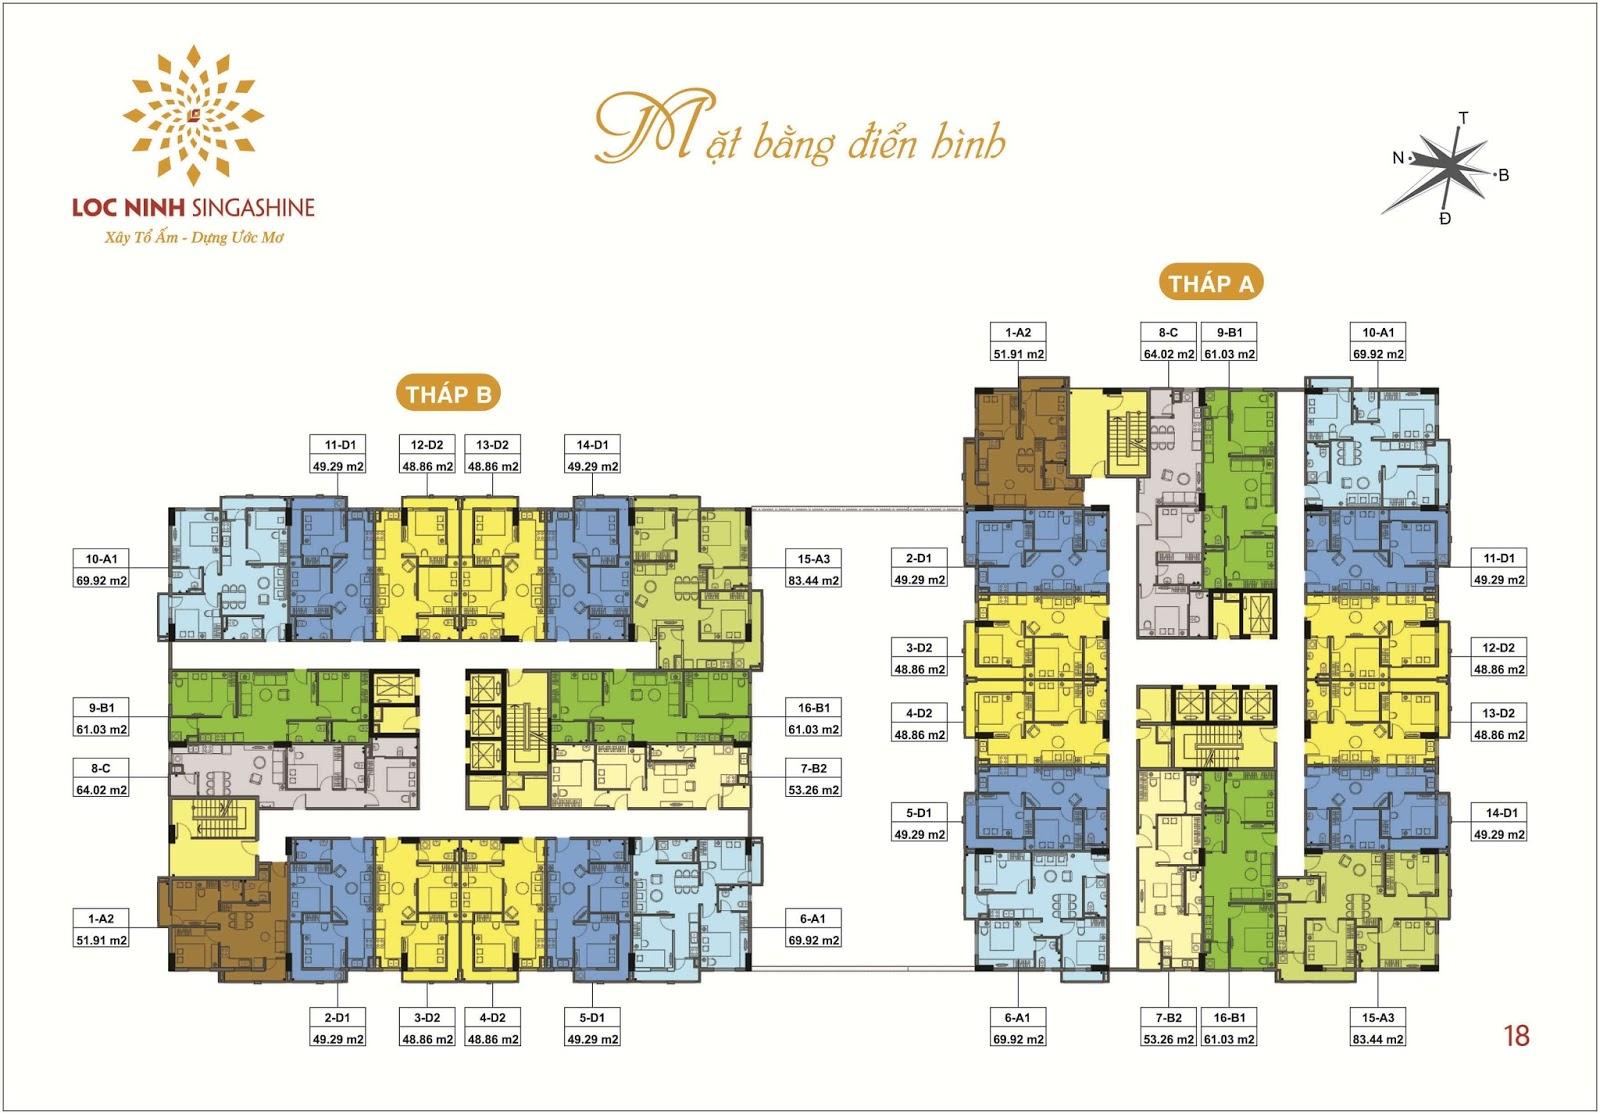 Thiết kế căn hộ Lộc Ninh Singashine.